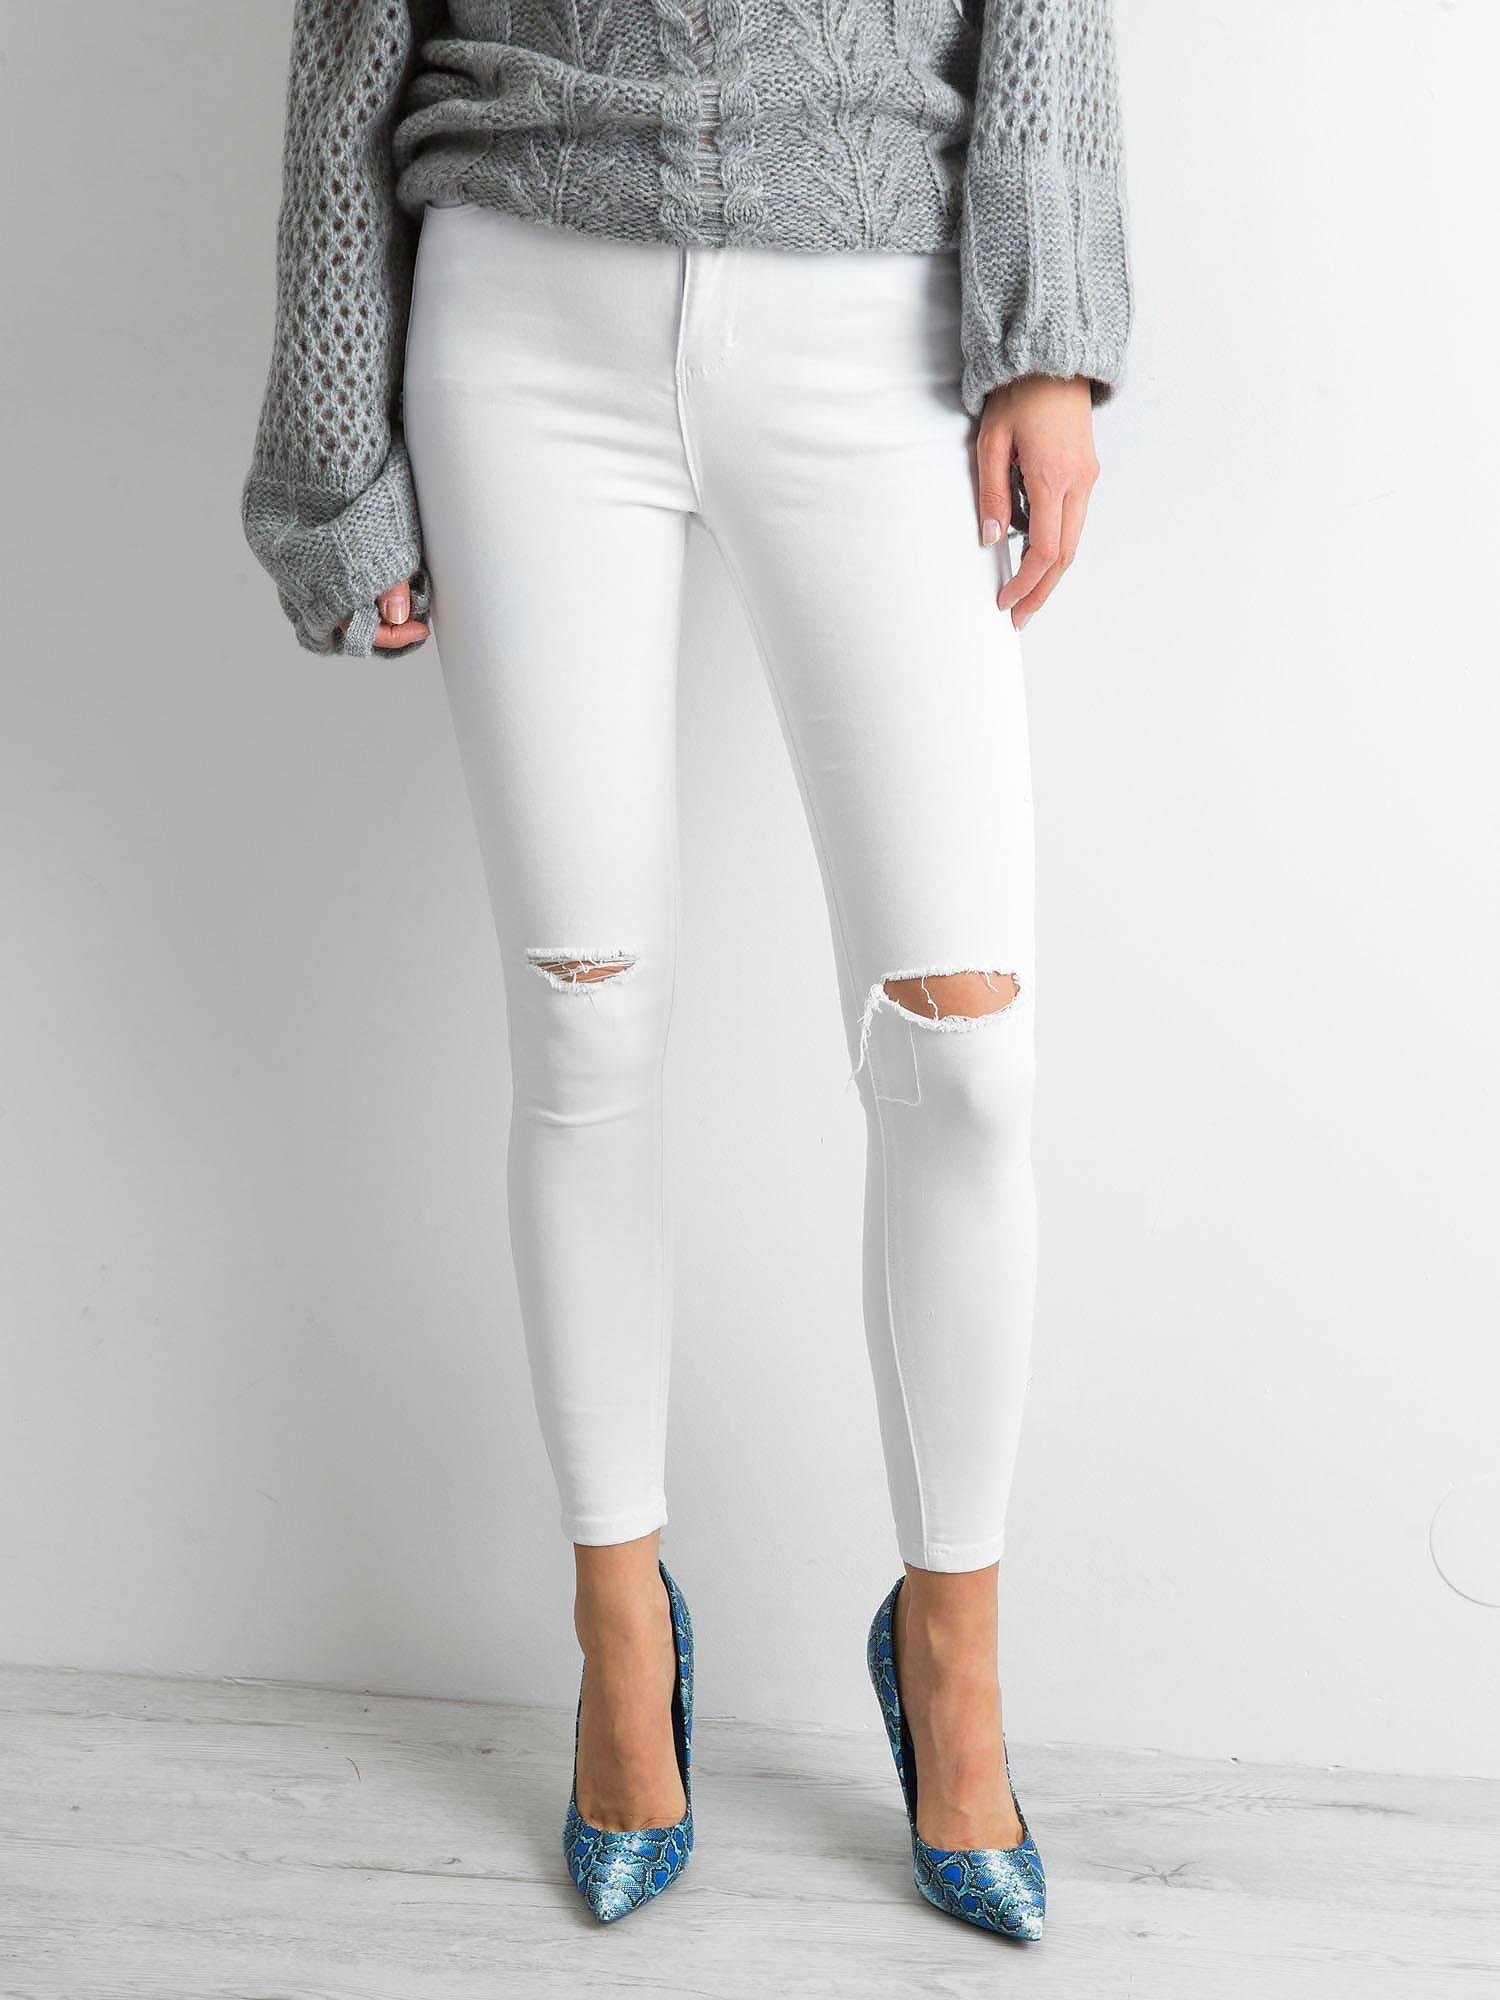 ae8d500308 Białe spodnie jeansowe z dziurami - Spodnie jeansowe - sklep eButik.pl